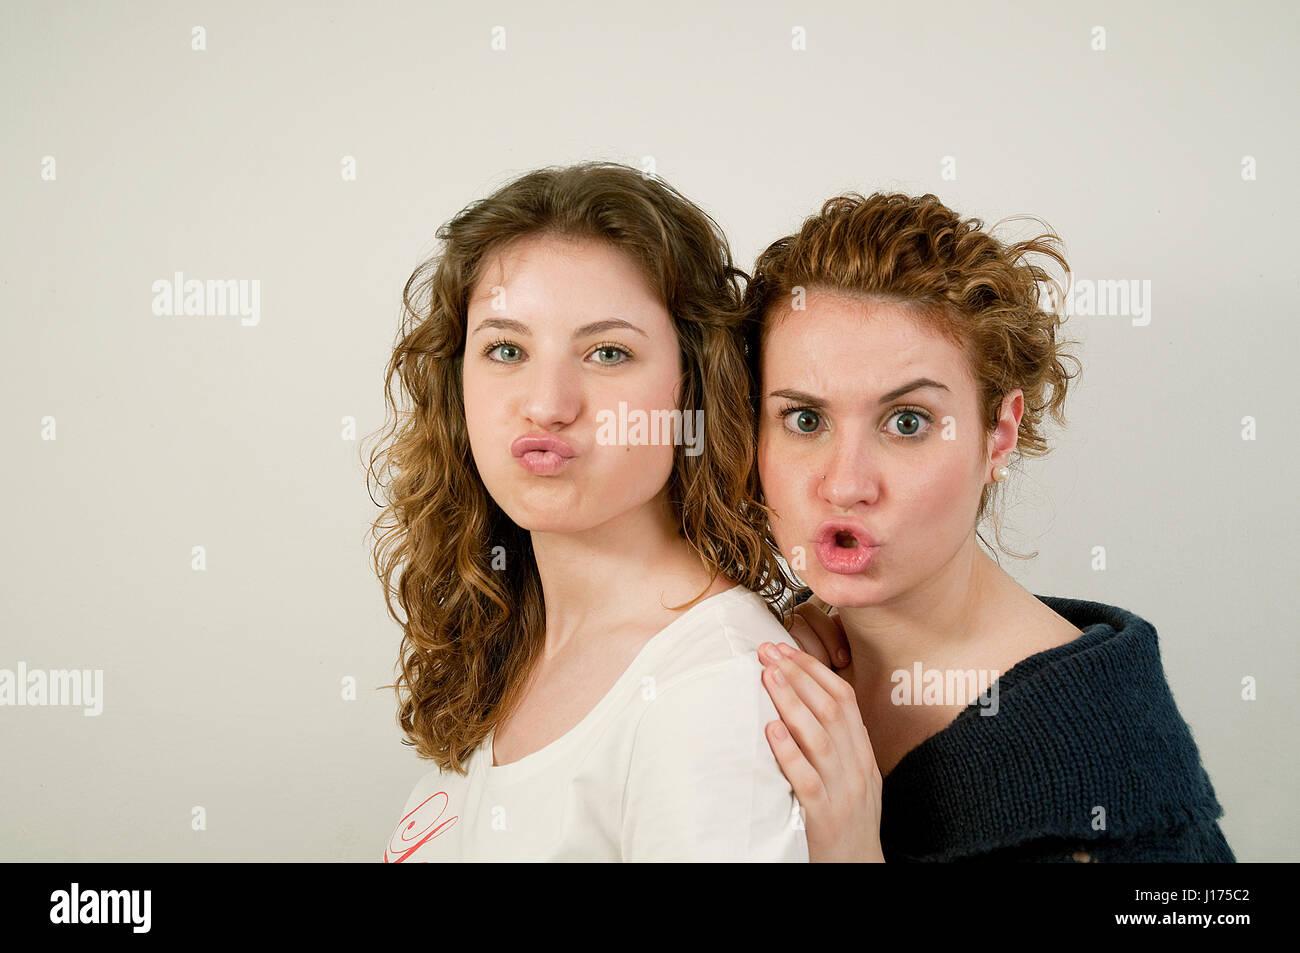 Deux jeunes femmes faisant des gestes. Banque D'Images